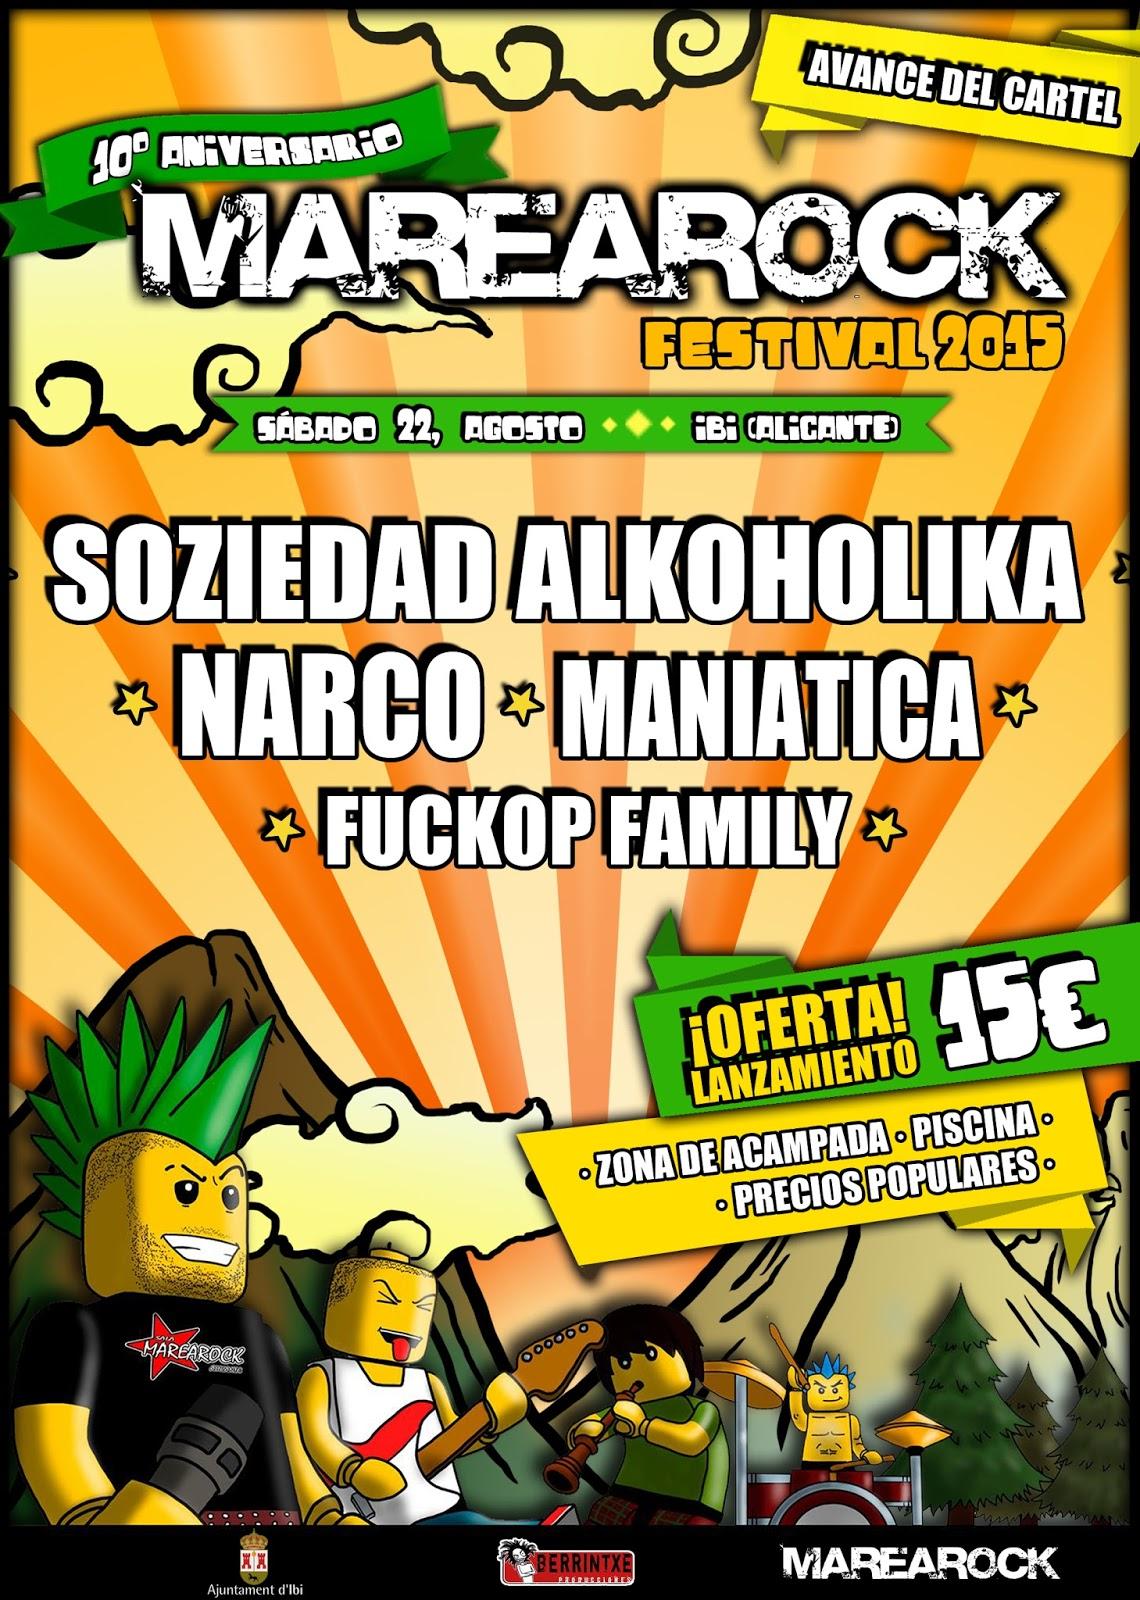 Marearock Festrival 2015